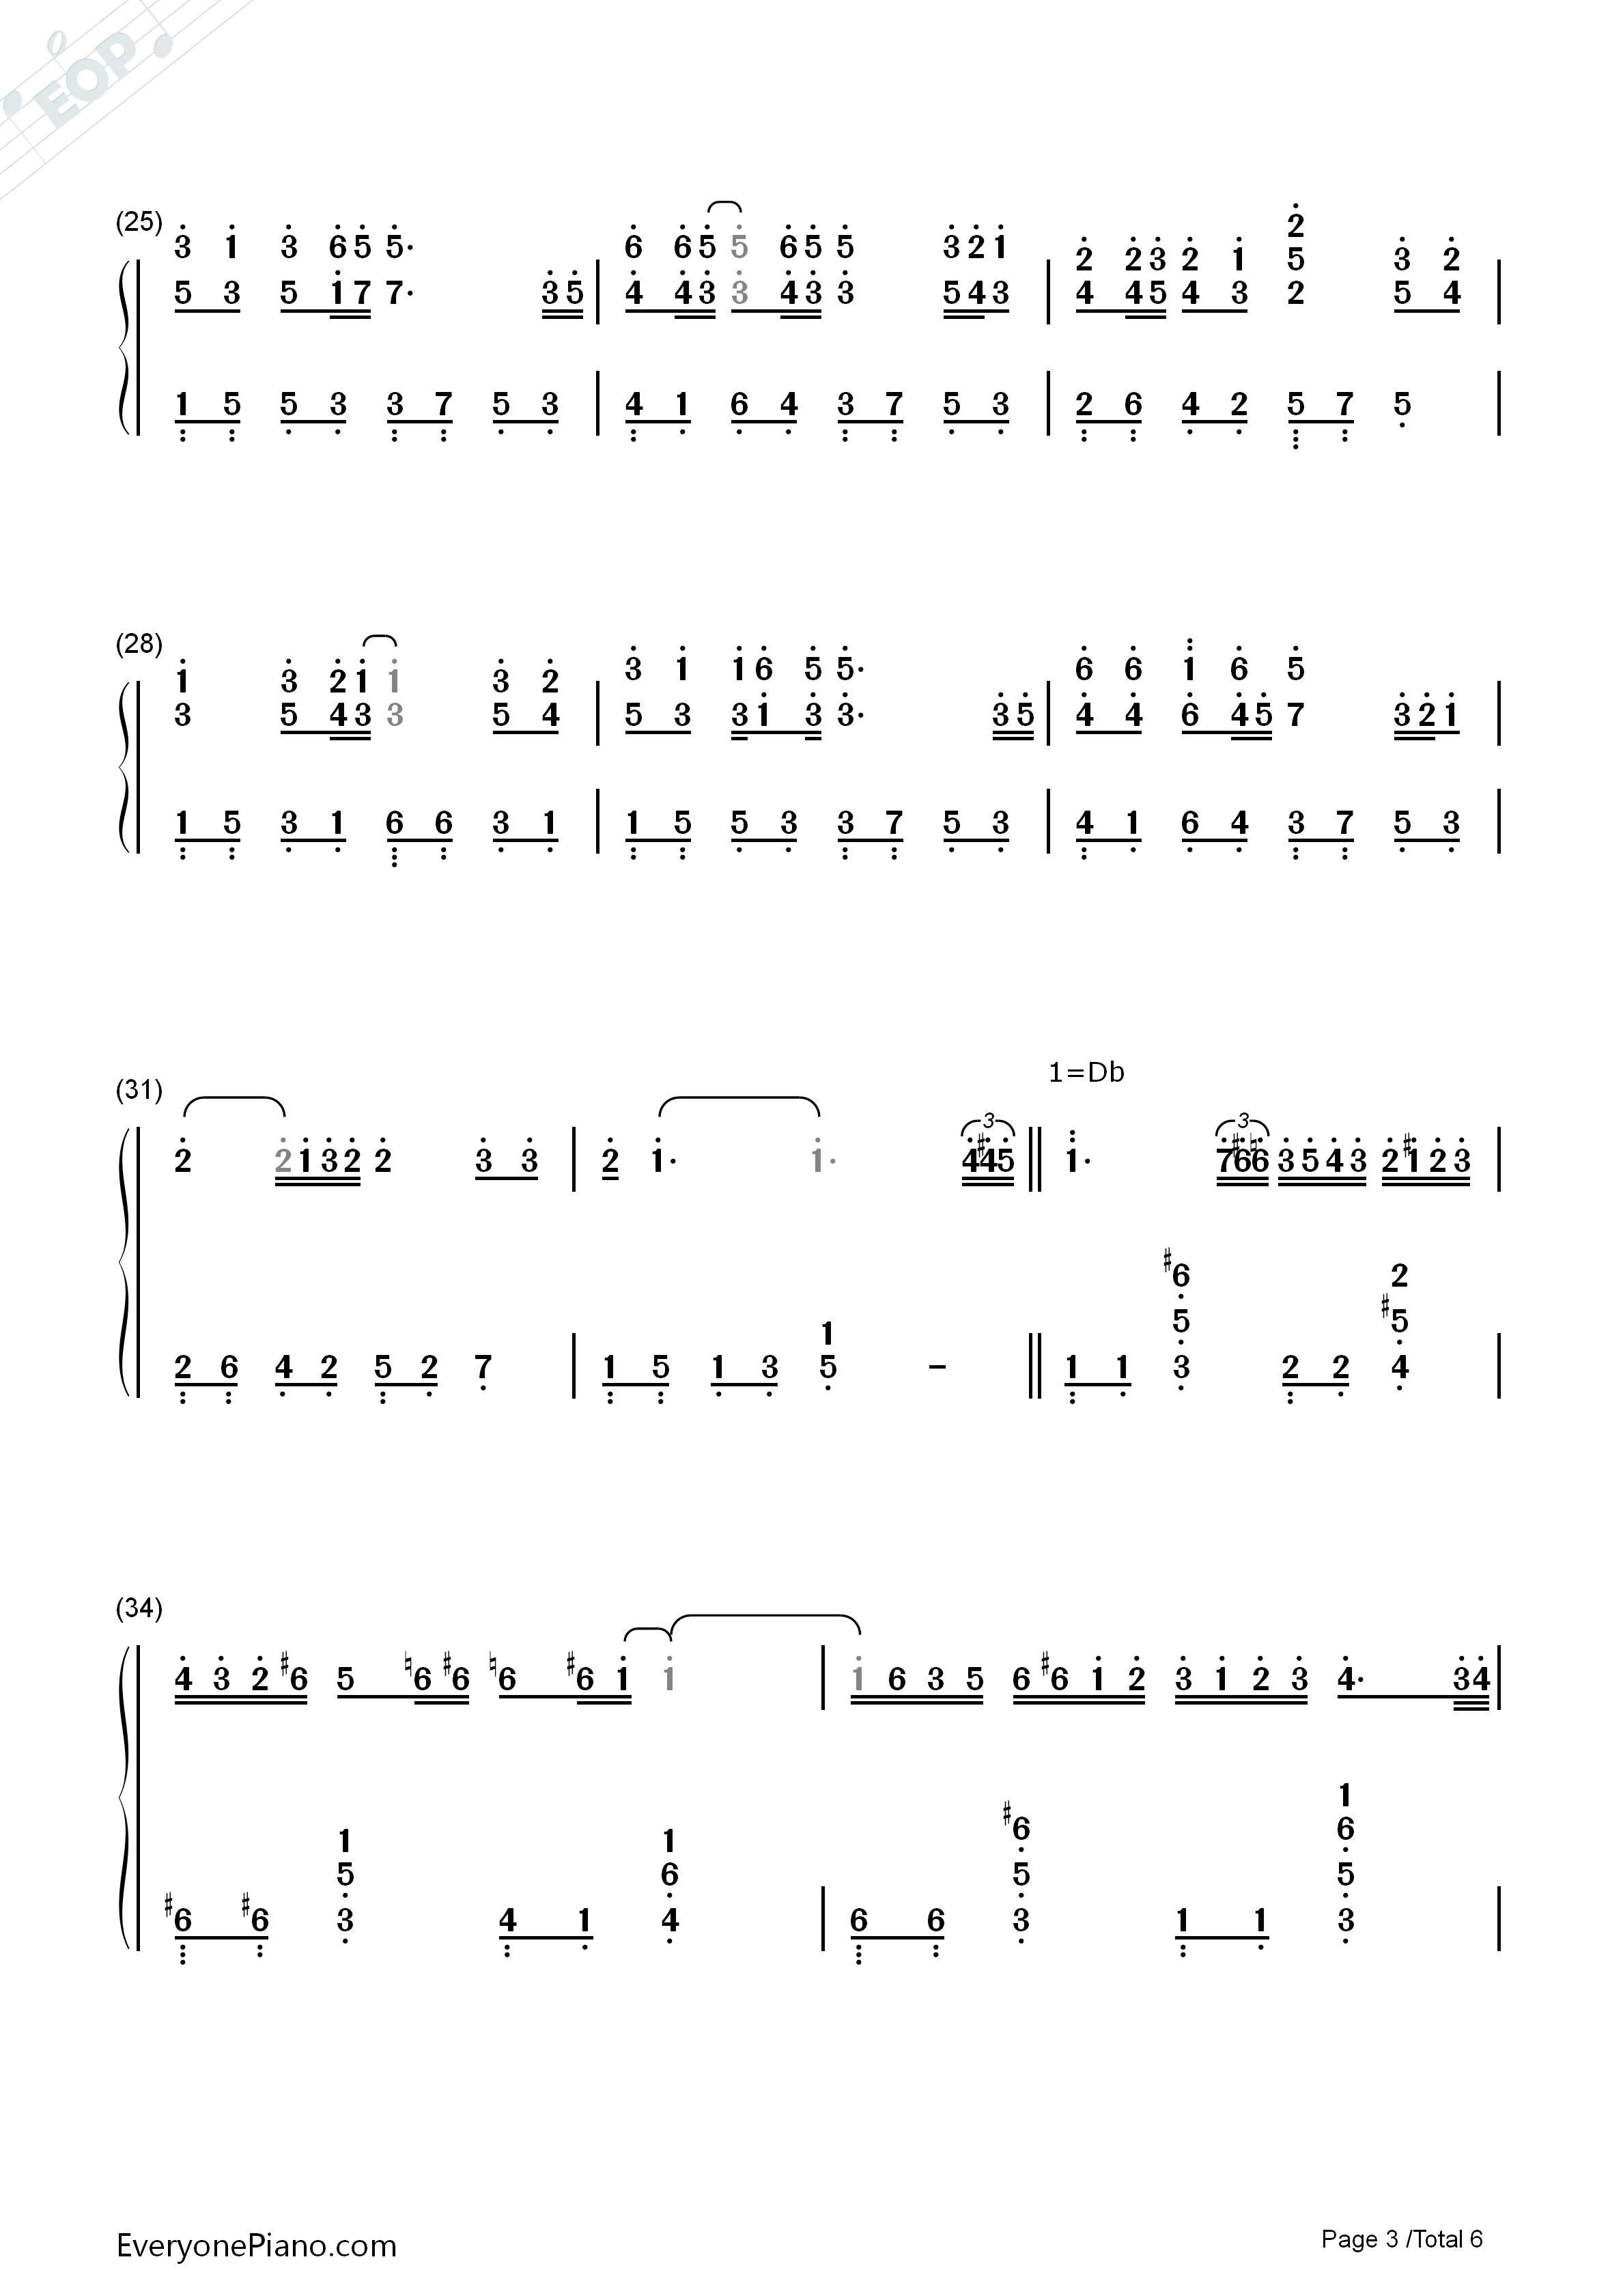 钢琴曲谱 流行 老鼠爱大米 老鼠爱大米双手简谱预览3  }  仅供学习